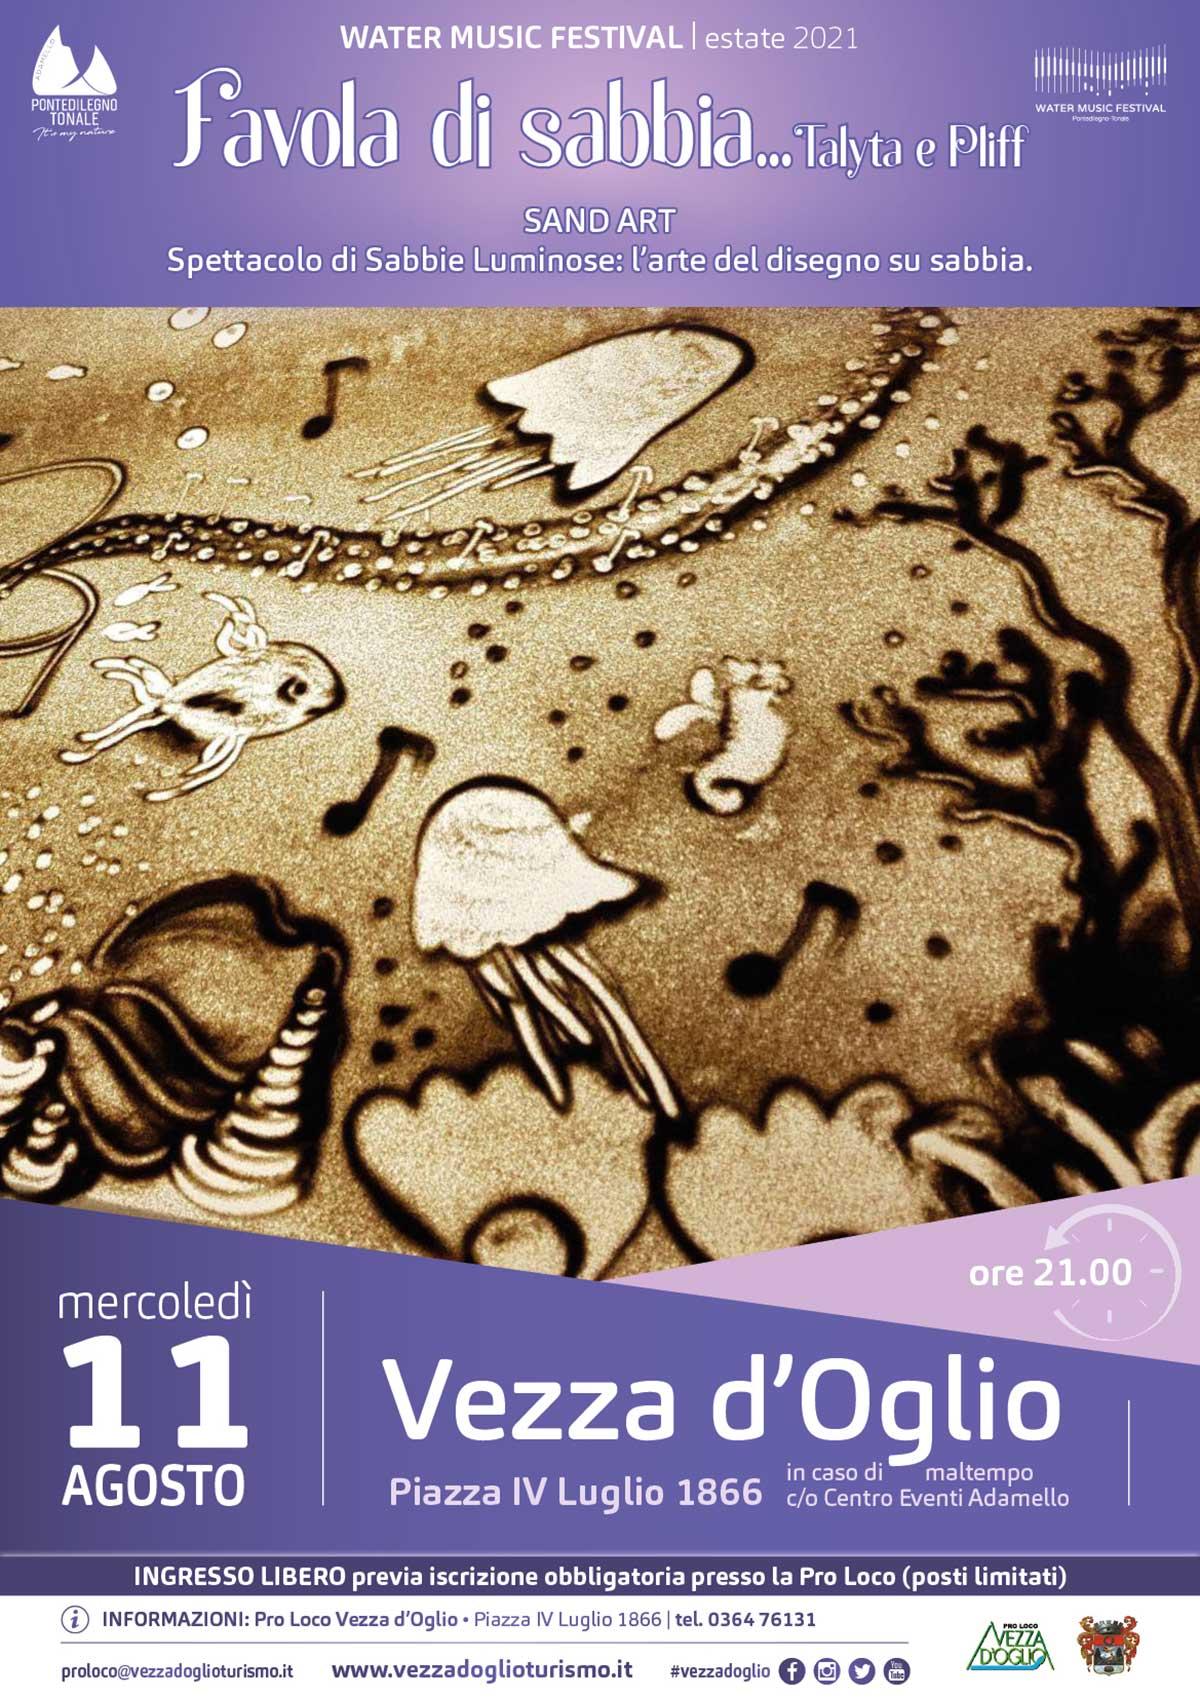 Vezza--water-music-festival-11-Agosto_FAVOLA-DI-SABBIA